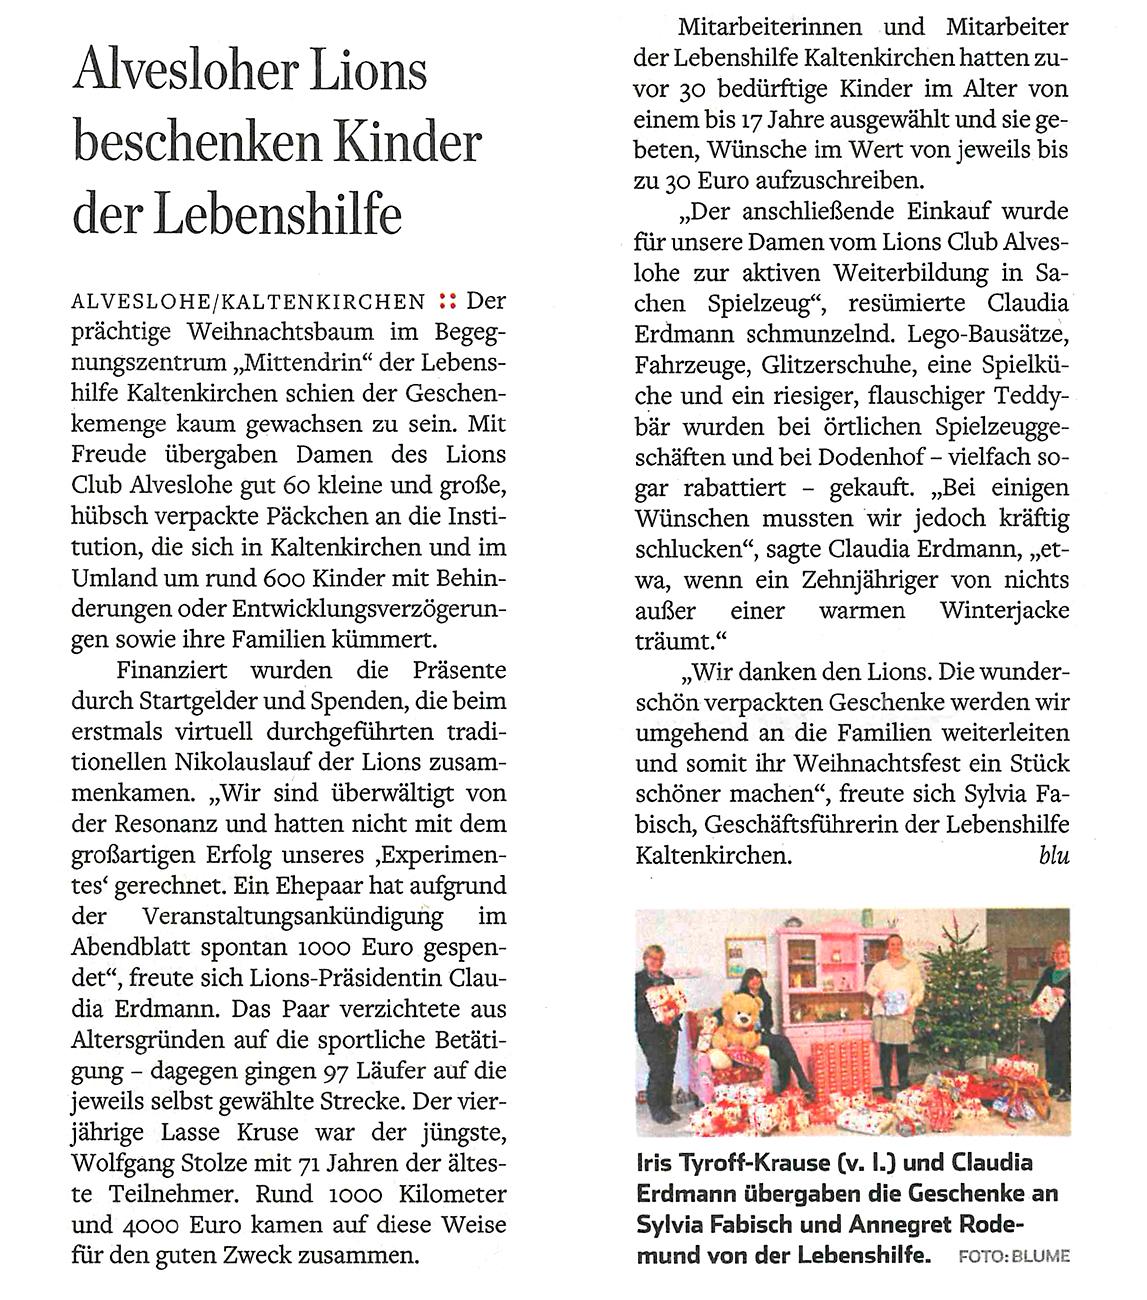 """Norderstedter Zeitung vom 12.12.2020: """"Alvesloher Lions beschenken Kinder der Lebenshilfe"""""""